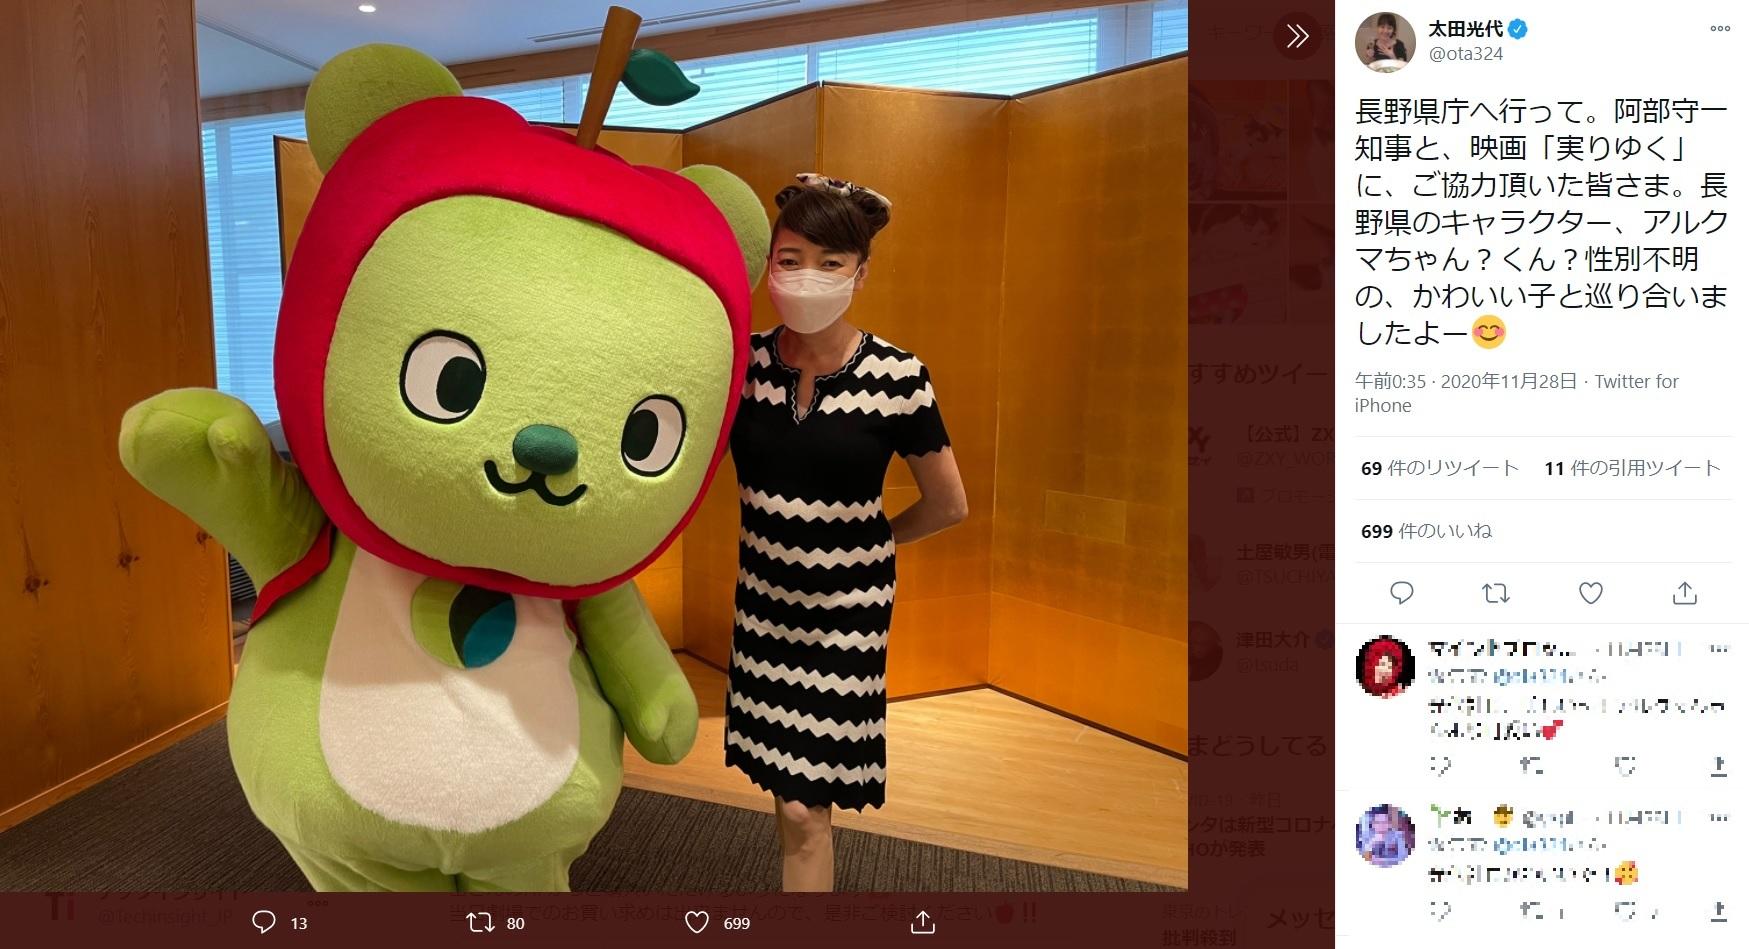 長野県PRキャラクター「アルクマ」と並ぶ太田光代社長、太ったようには見えないが…(画像は『太田光代 2020年11月28日付Twitter「長野県庁へ行って。」』のスクリーンショット)